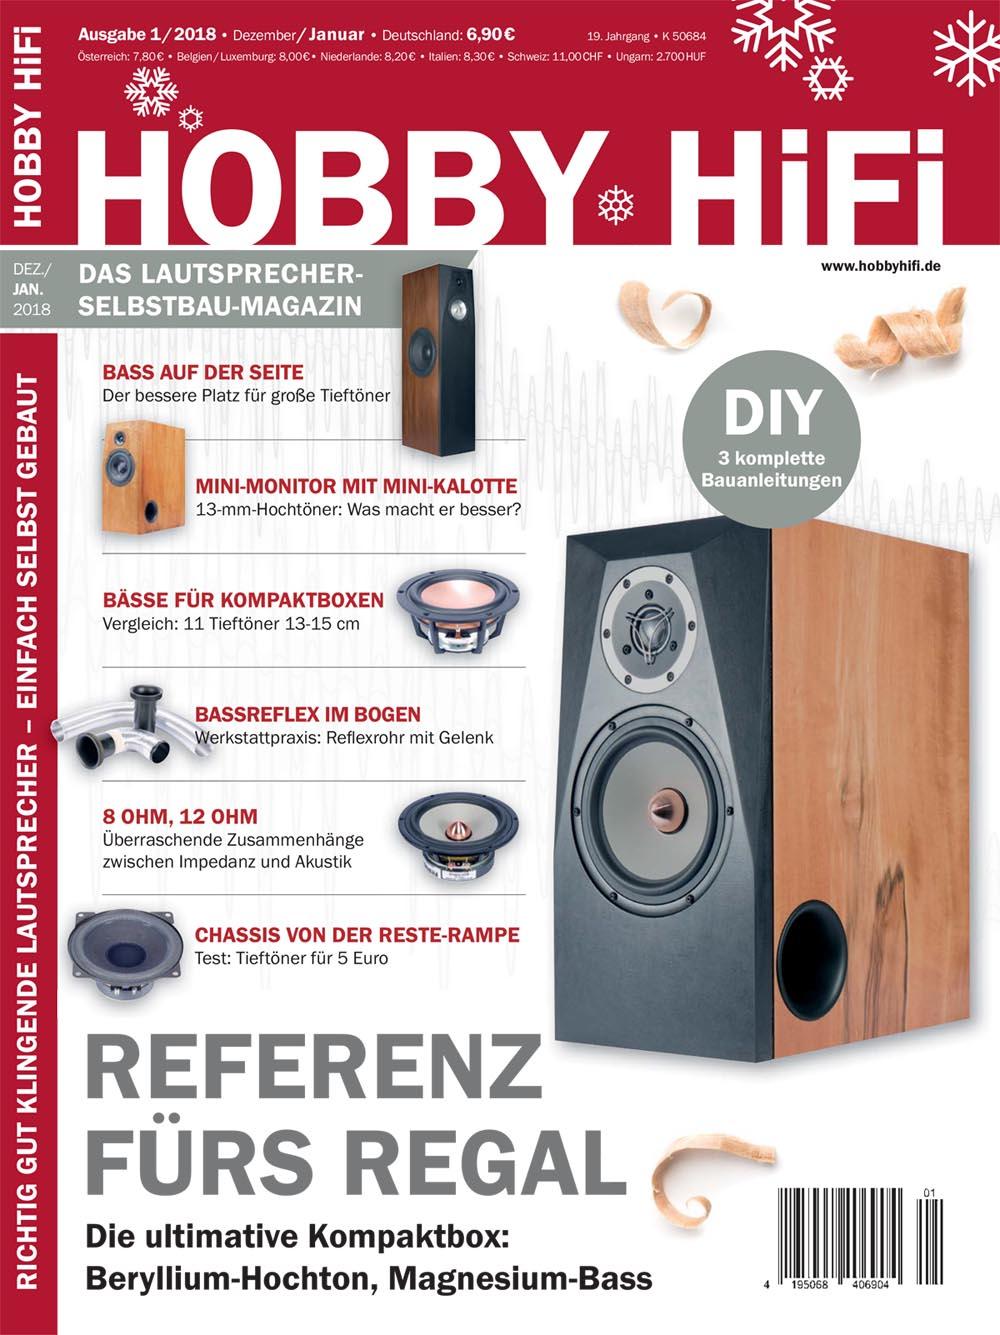 Hobby Hifi 2018 Ausgabe 1-2018